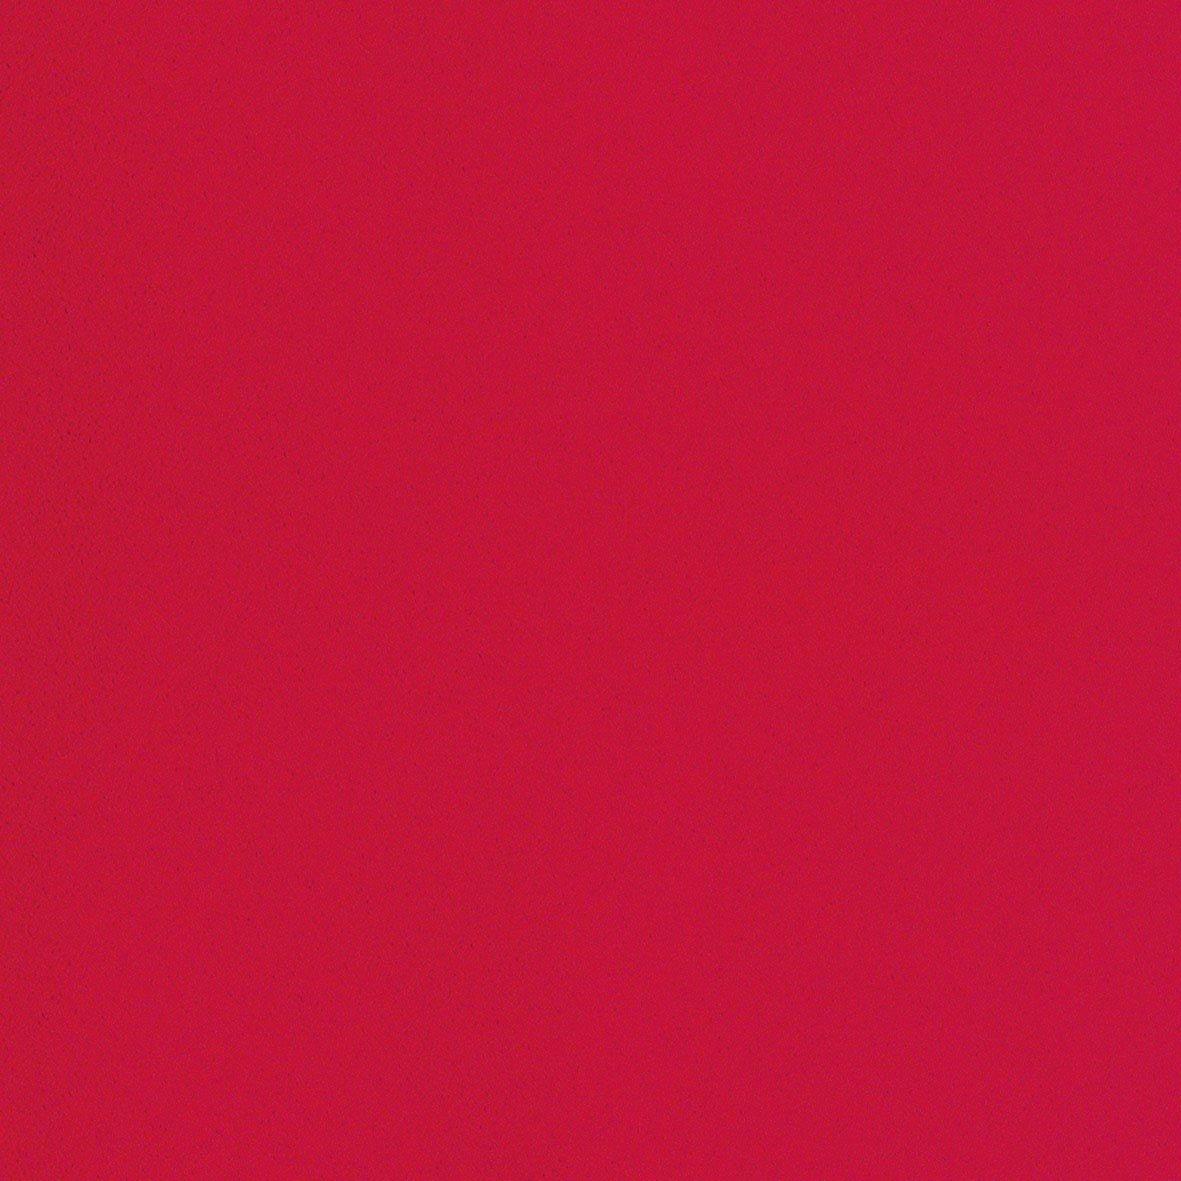 リリカラ 壁紙29m シンフル 石目調 レッド スーパー強化+汚れ防止 LW-2325 B076142579 29m|レッド